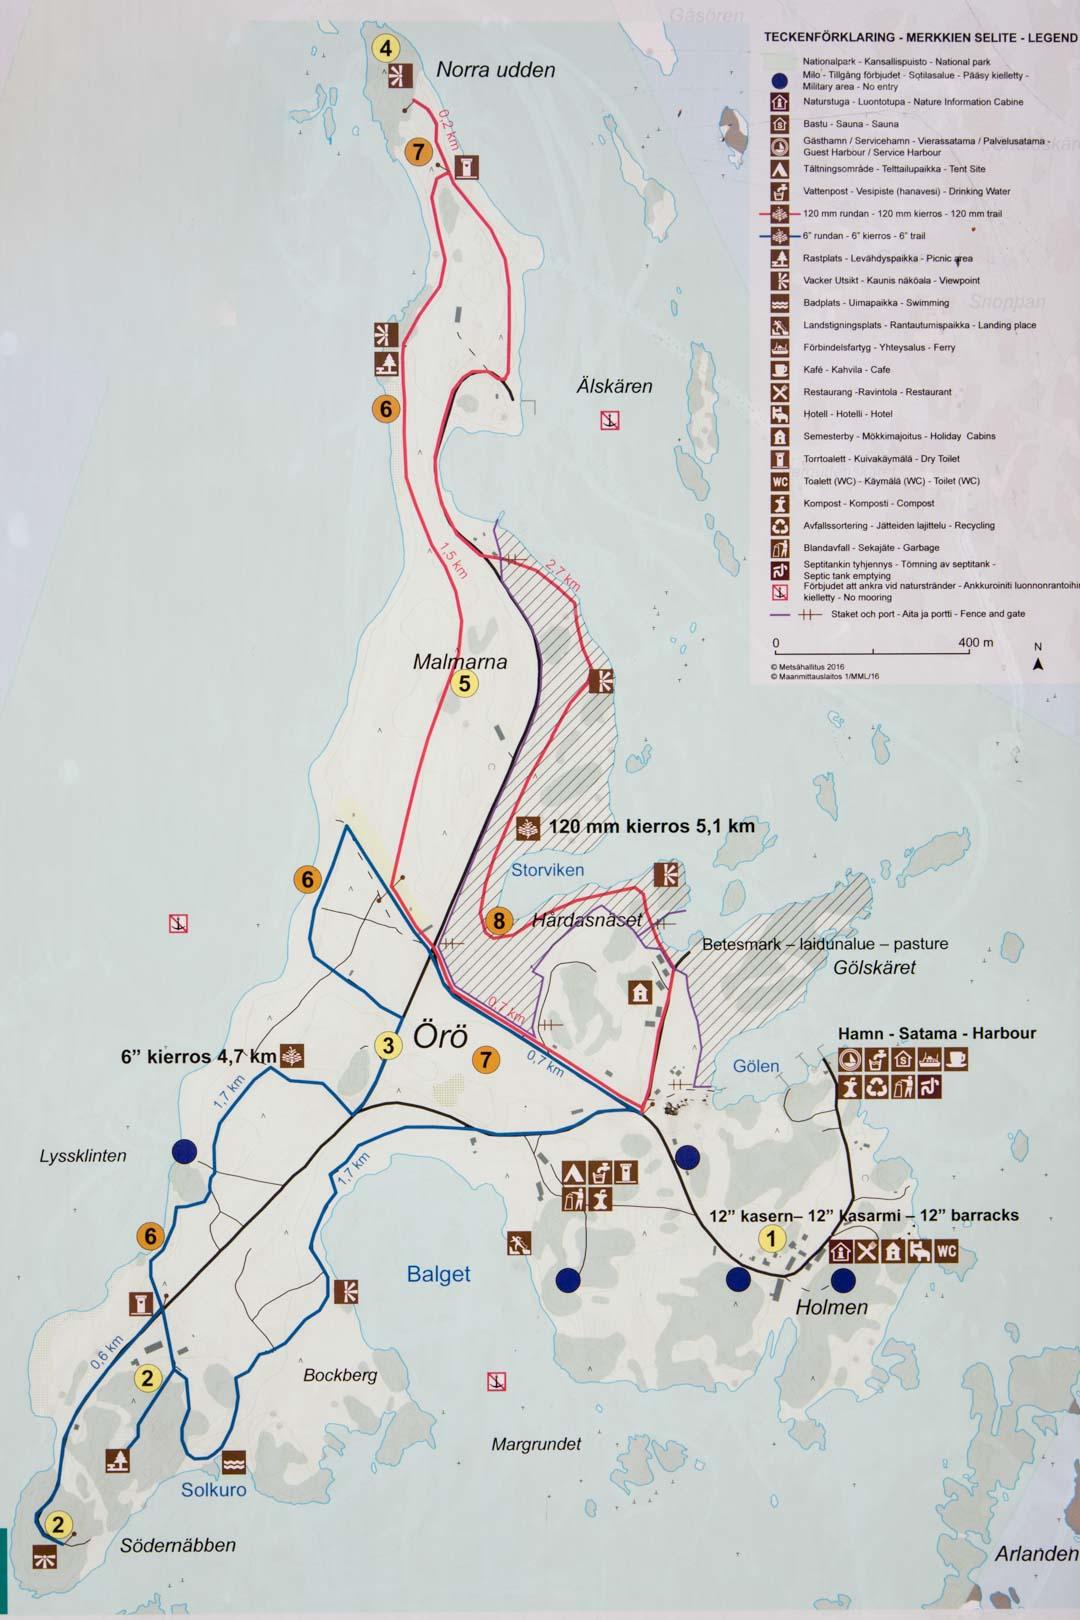 Saaristomeren kansallispuisto Örön saaren reitit